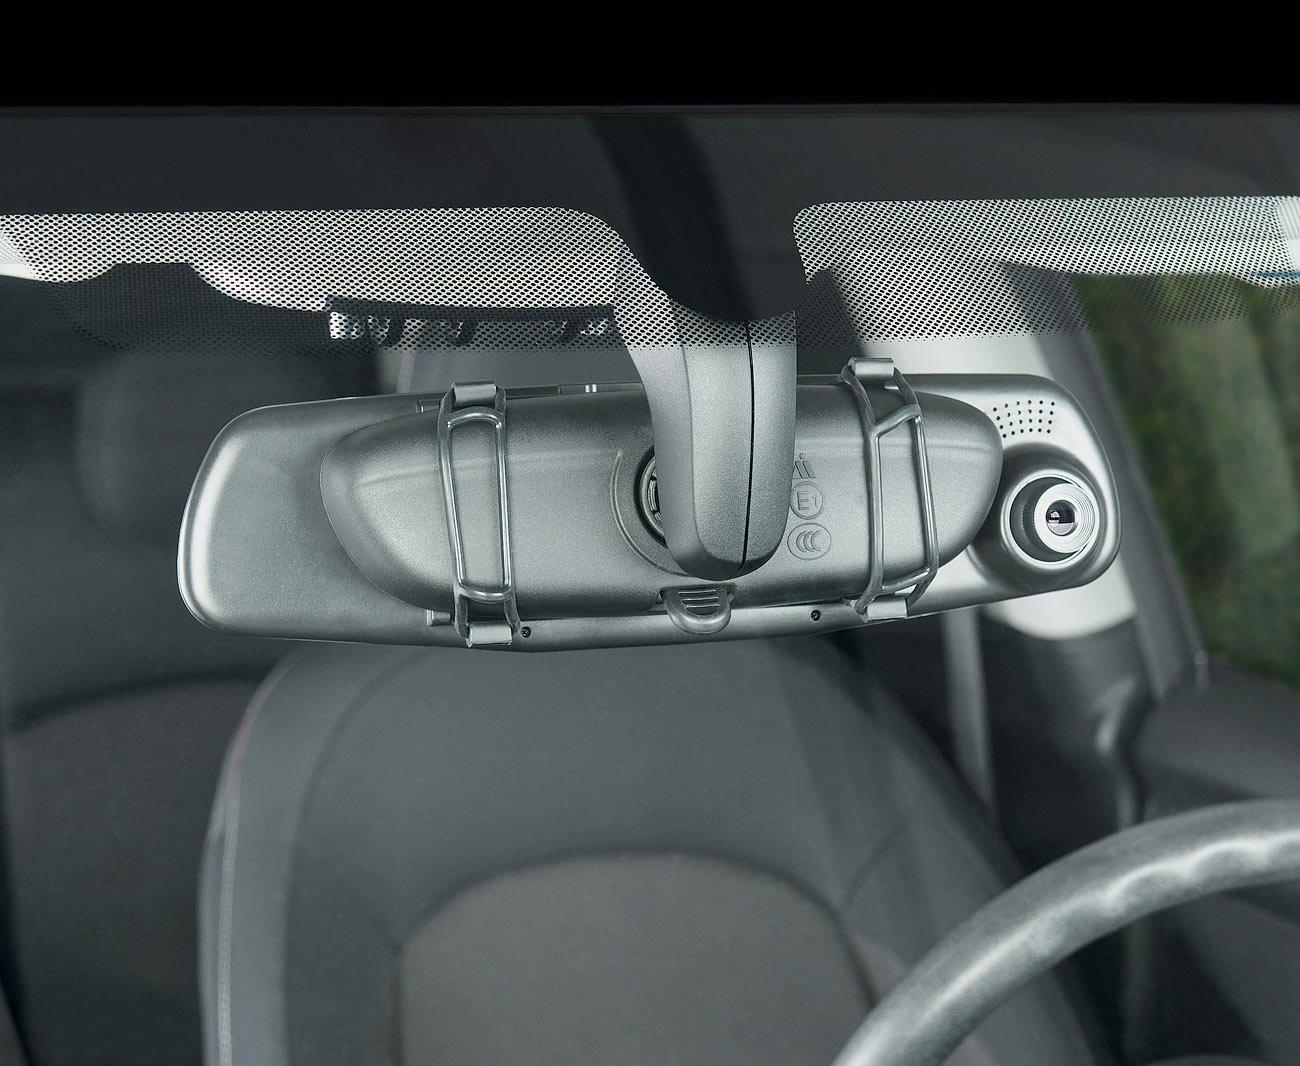 NavGear-Rckspiegel-Dashcam-mit-Bewegungserkennung-und-71-cm-Display-28